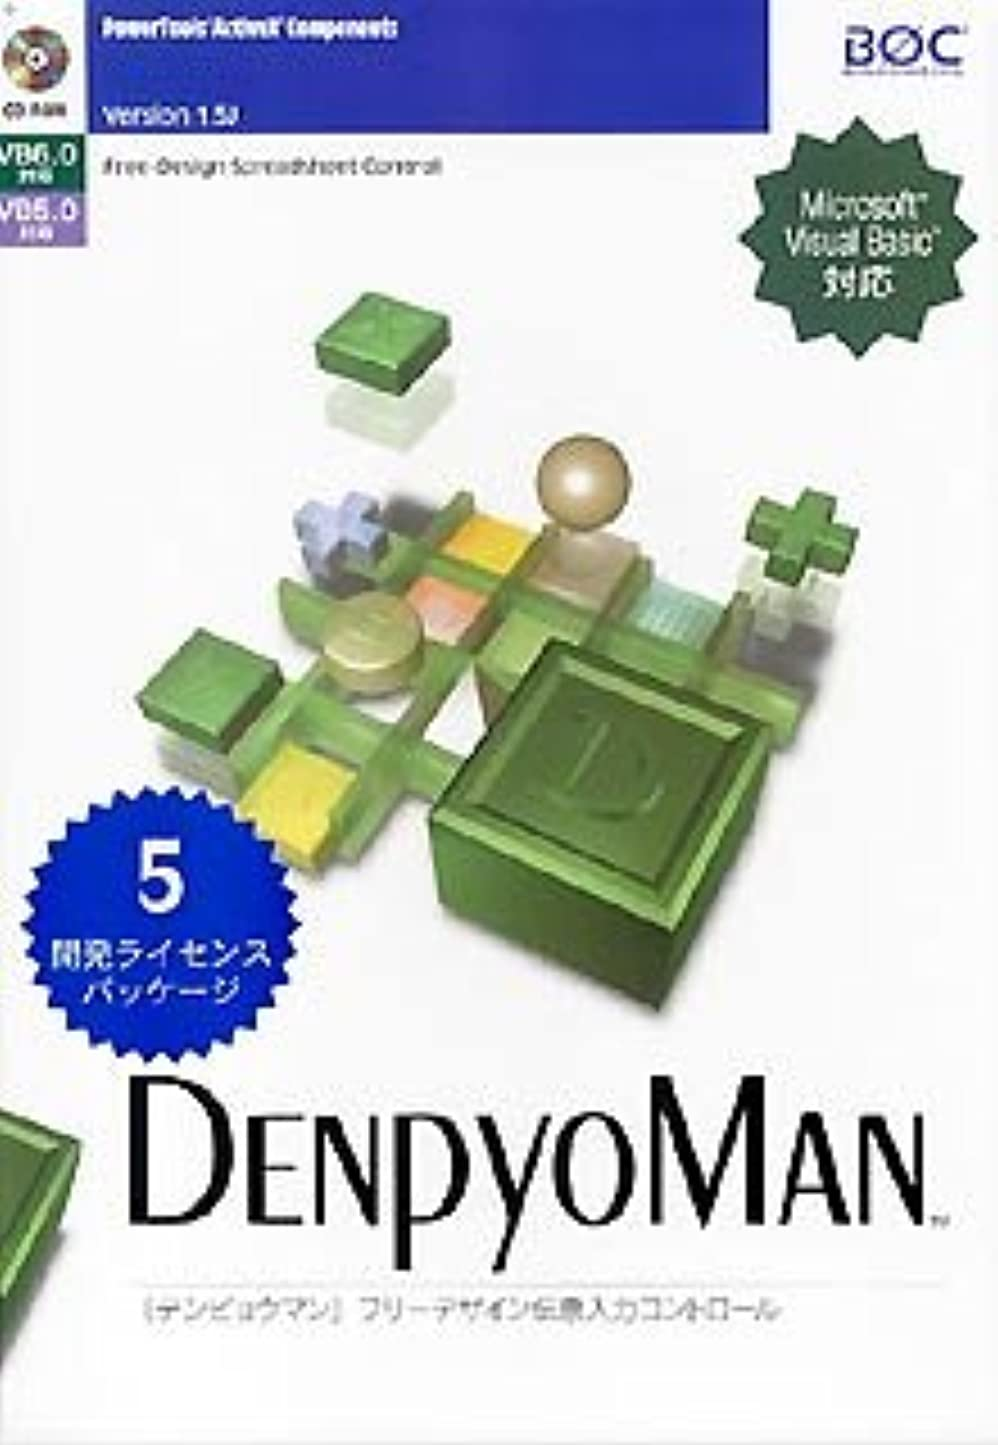 乏しいマウントコミットPowerToolsシリーズ DenpyoMan Ver.1.5J 5開発ライセンス